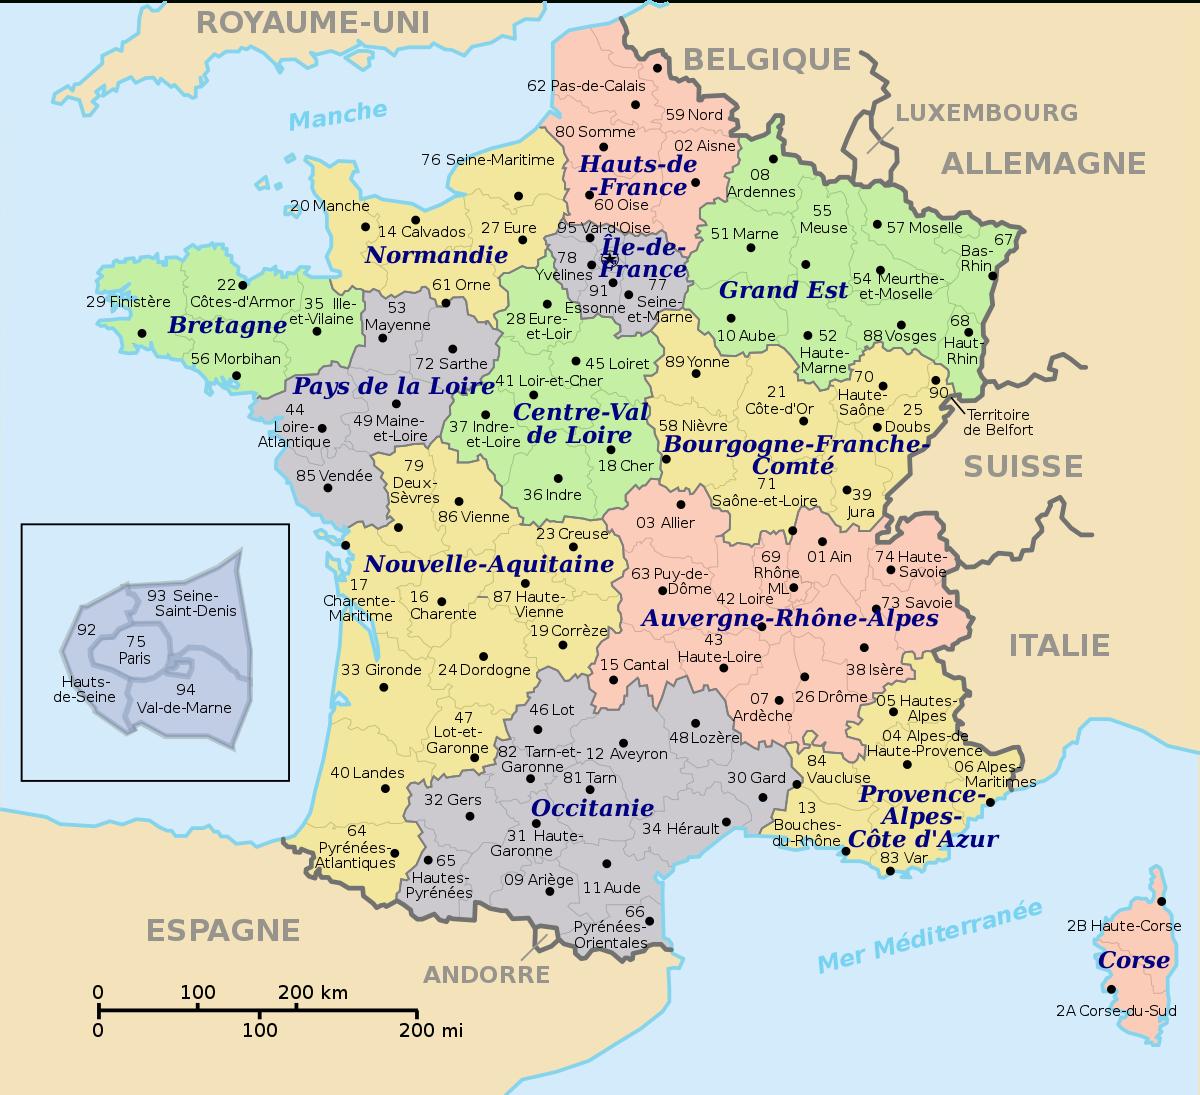 Numérotation Des Départements Français — Wikipédia intérieur Carte De France Avec Villes Et Départements